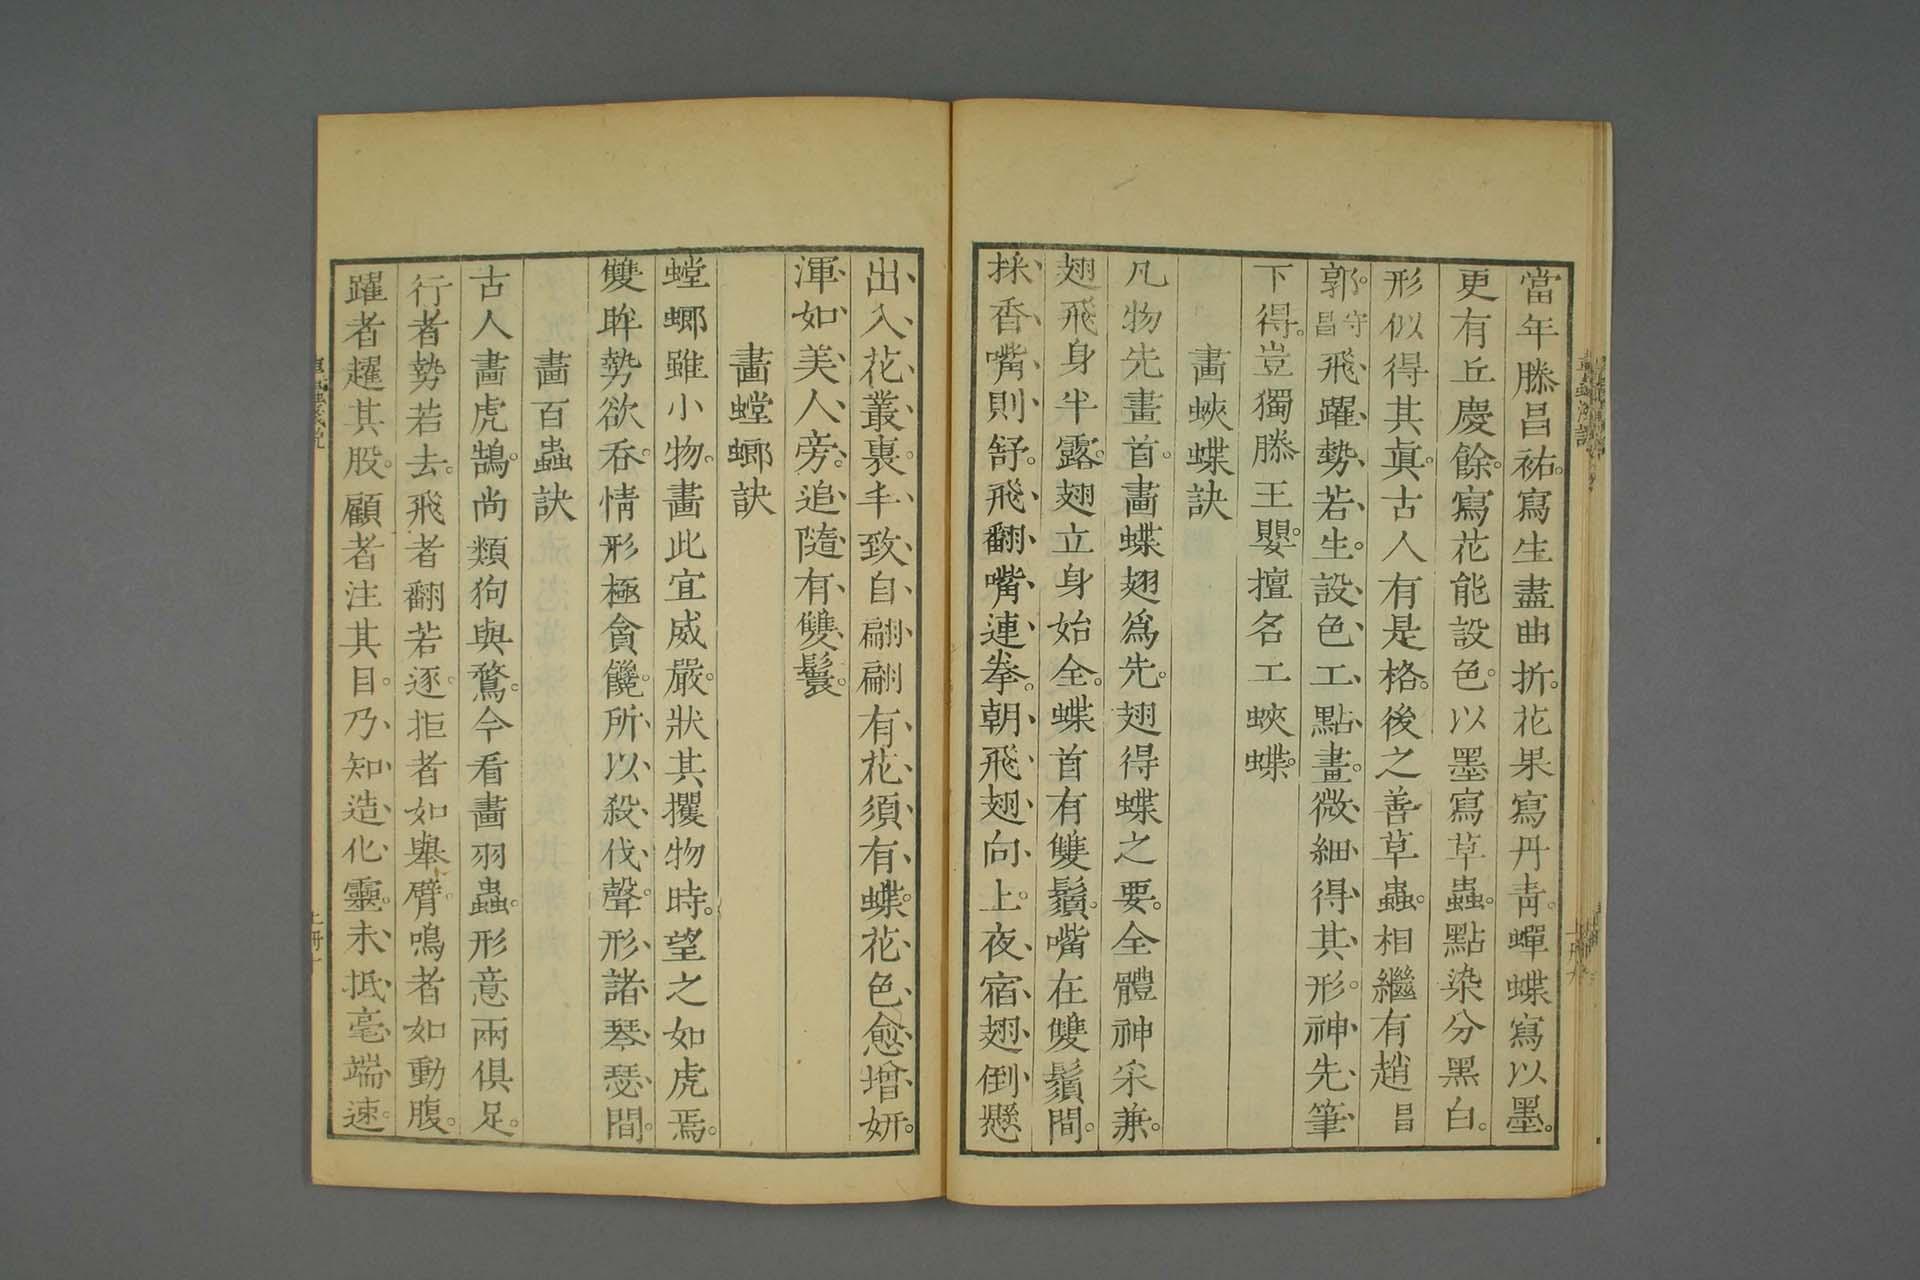 芥子园画谱 康熙刻本全集-刻本-20